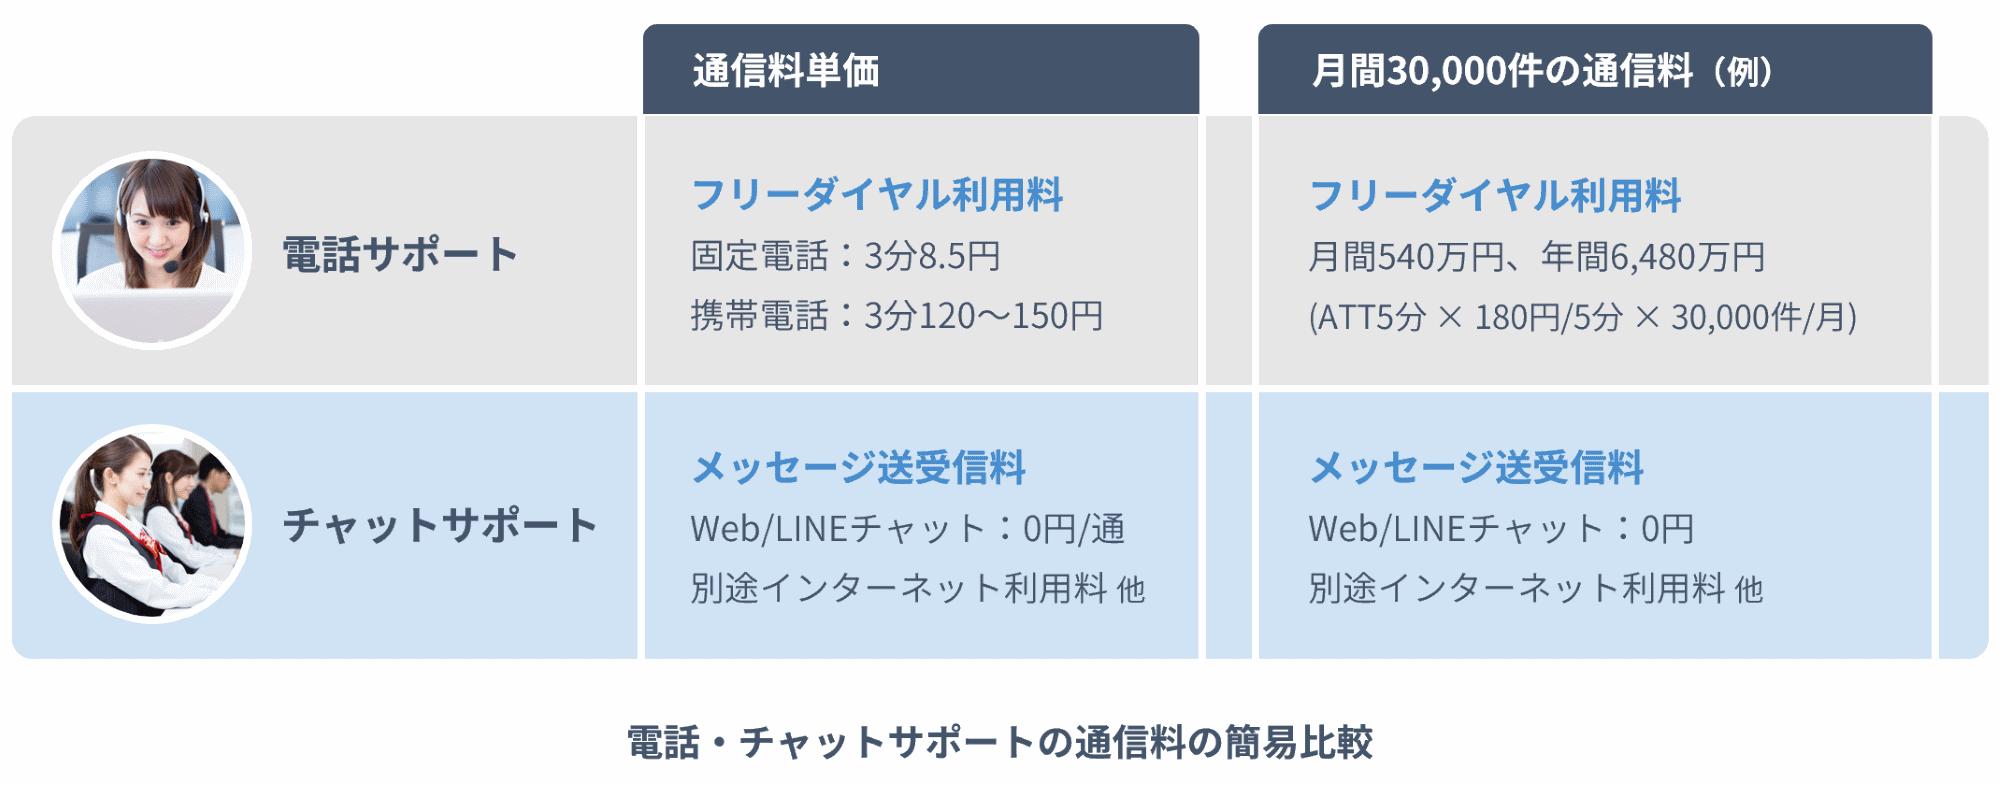 電話サポートとチャットサポートの通信費の簡易比較